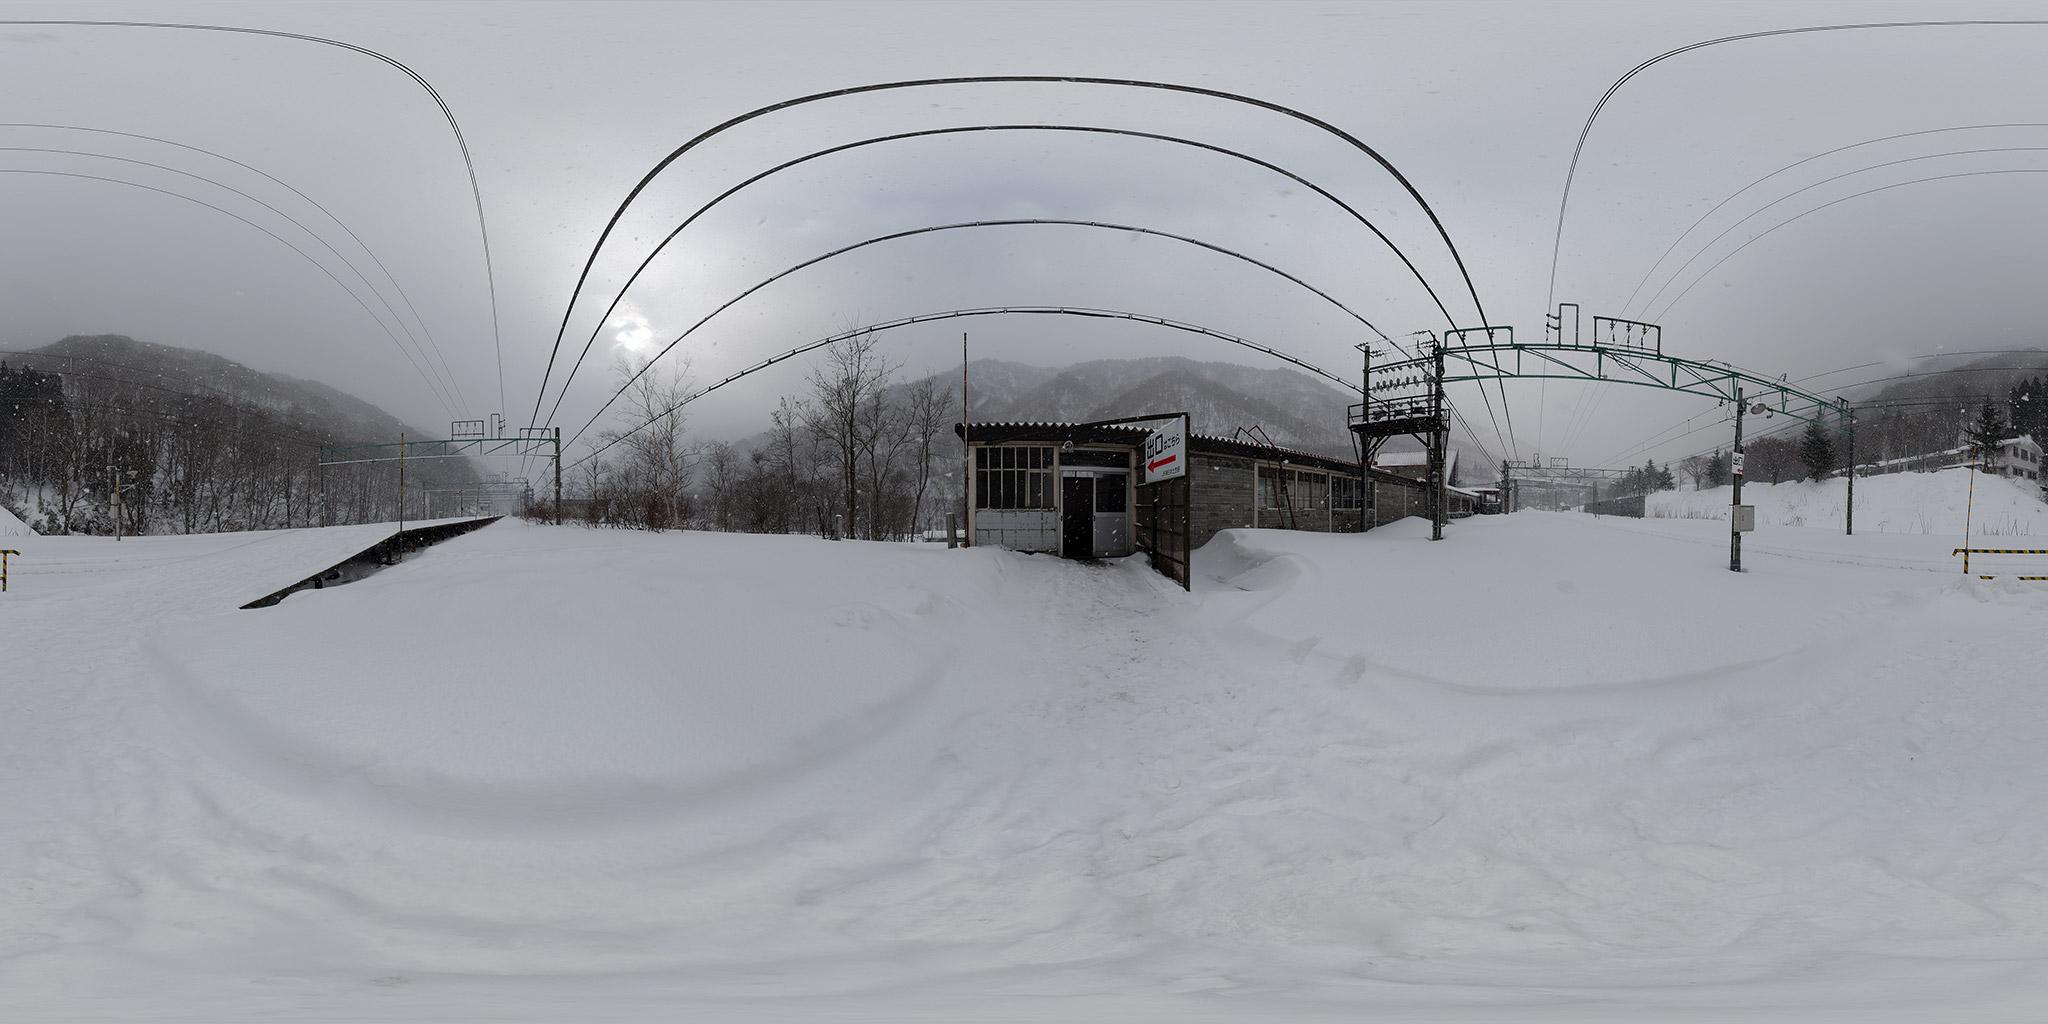 雪の土合駅上りホーム